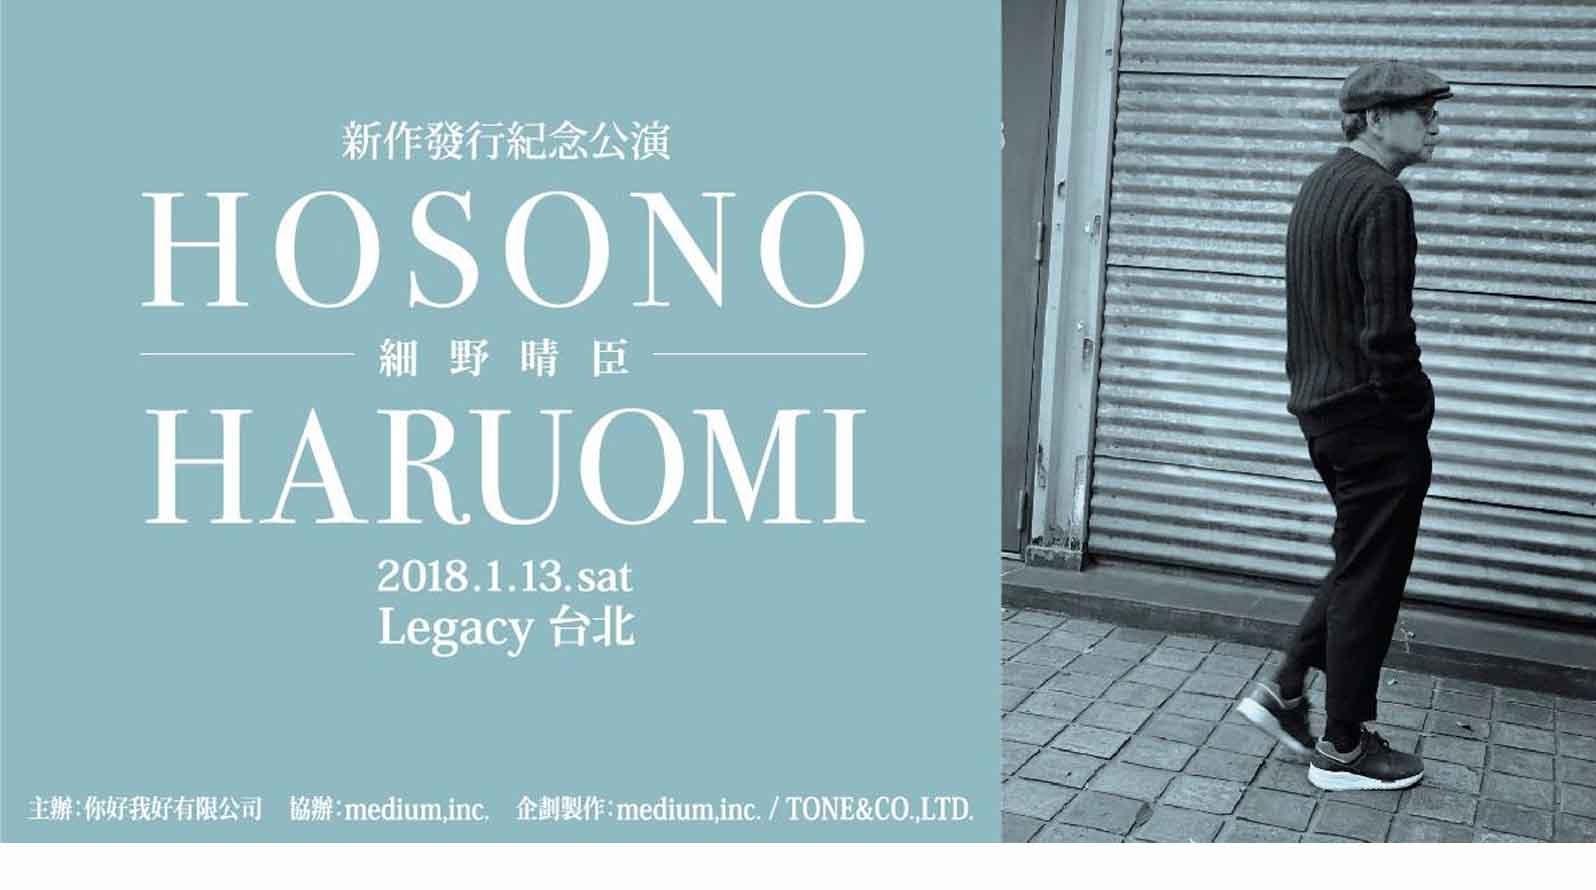 日本樂壇巨匠細野晴臣新作 首次來台公演